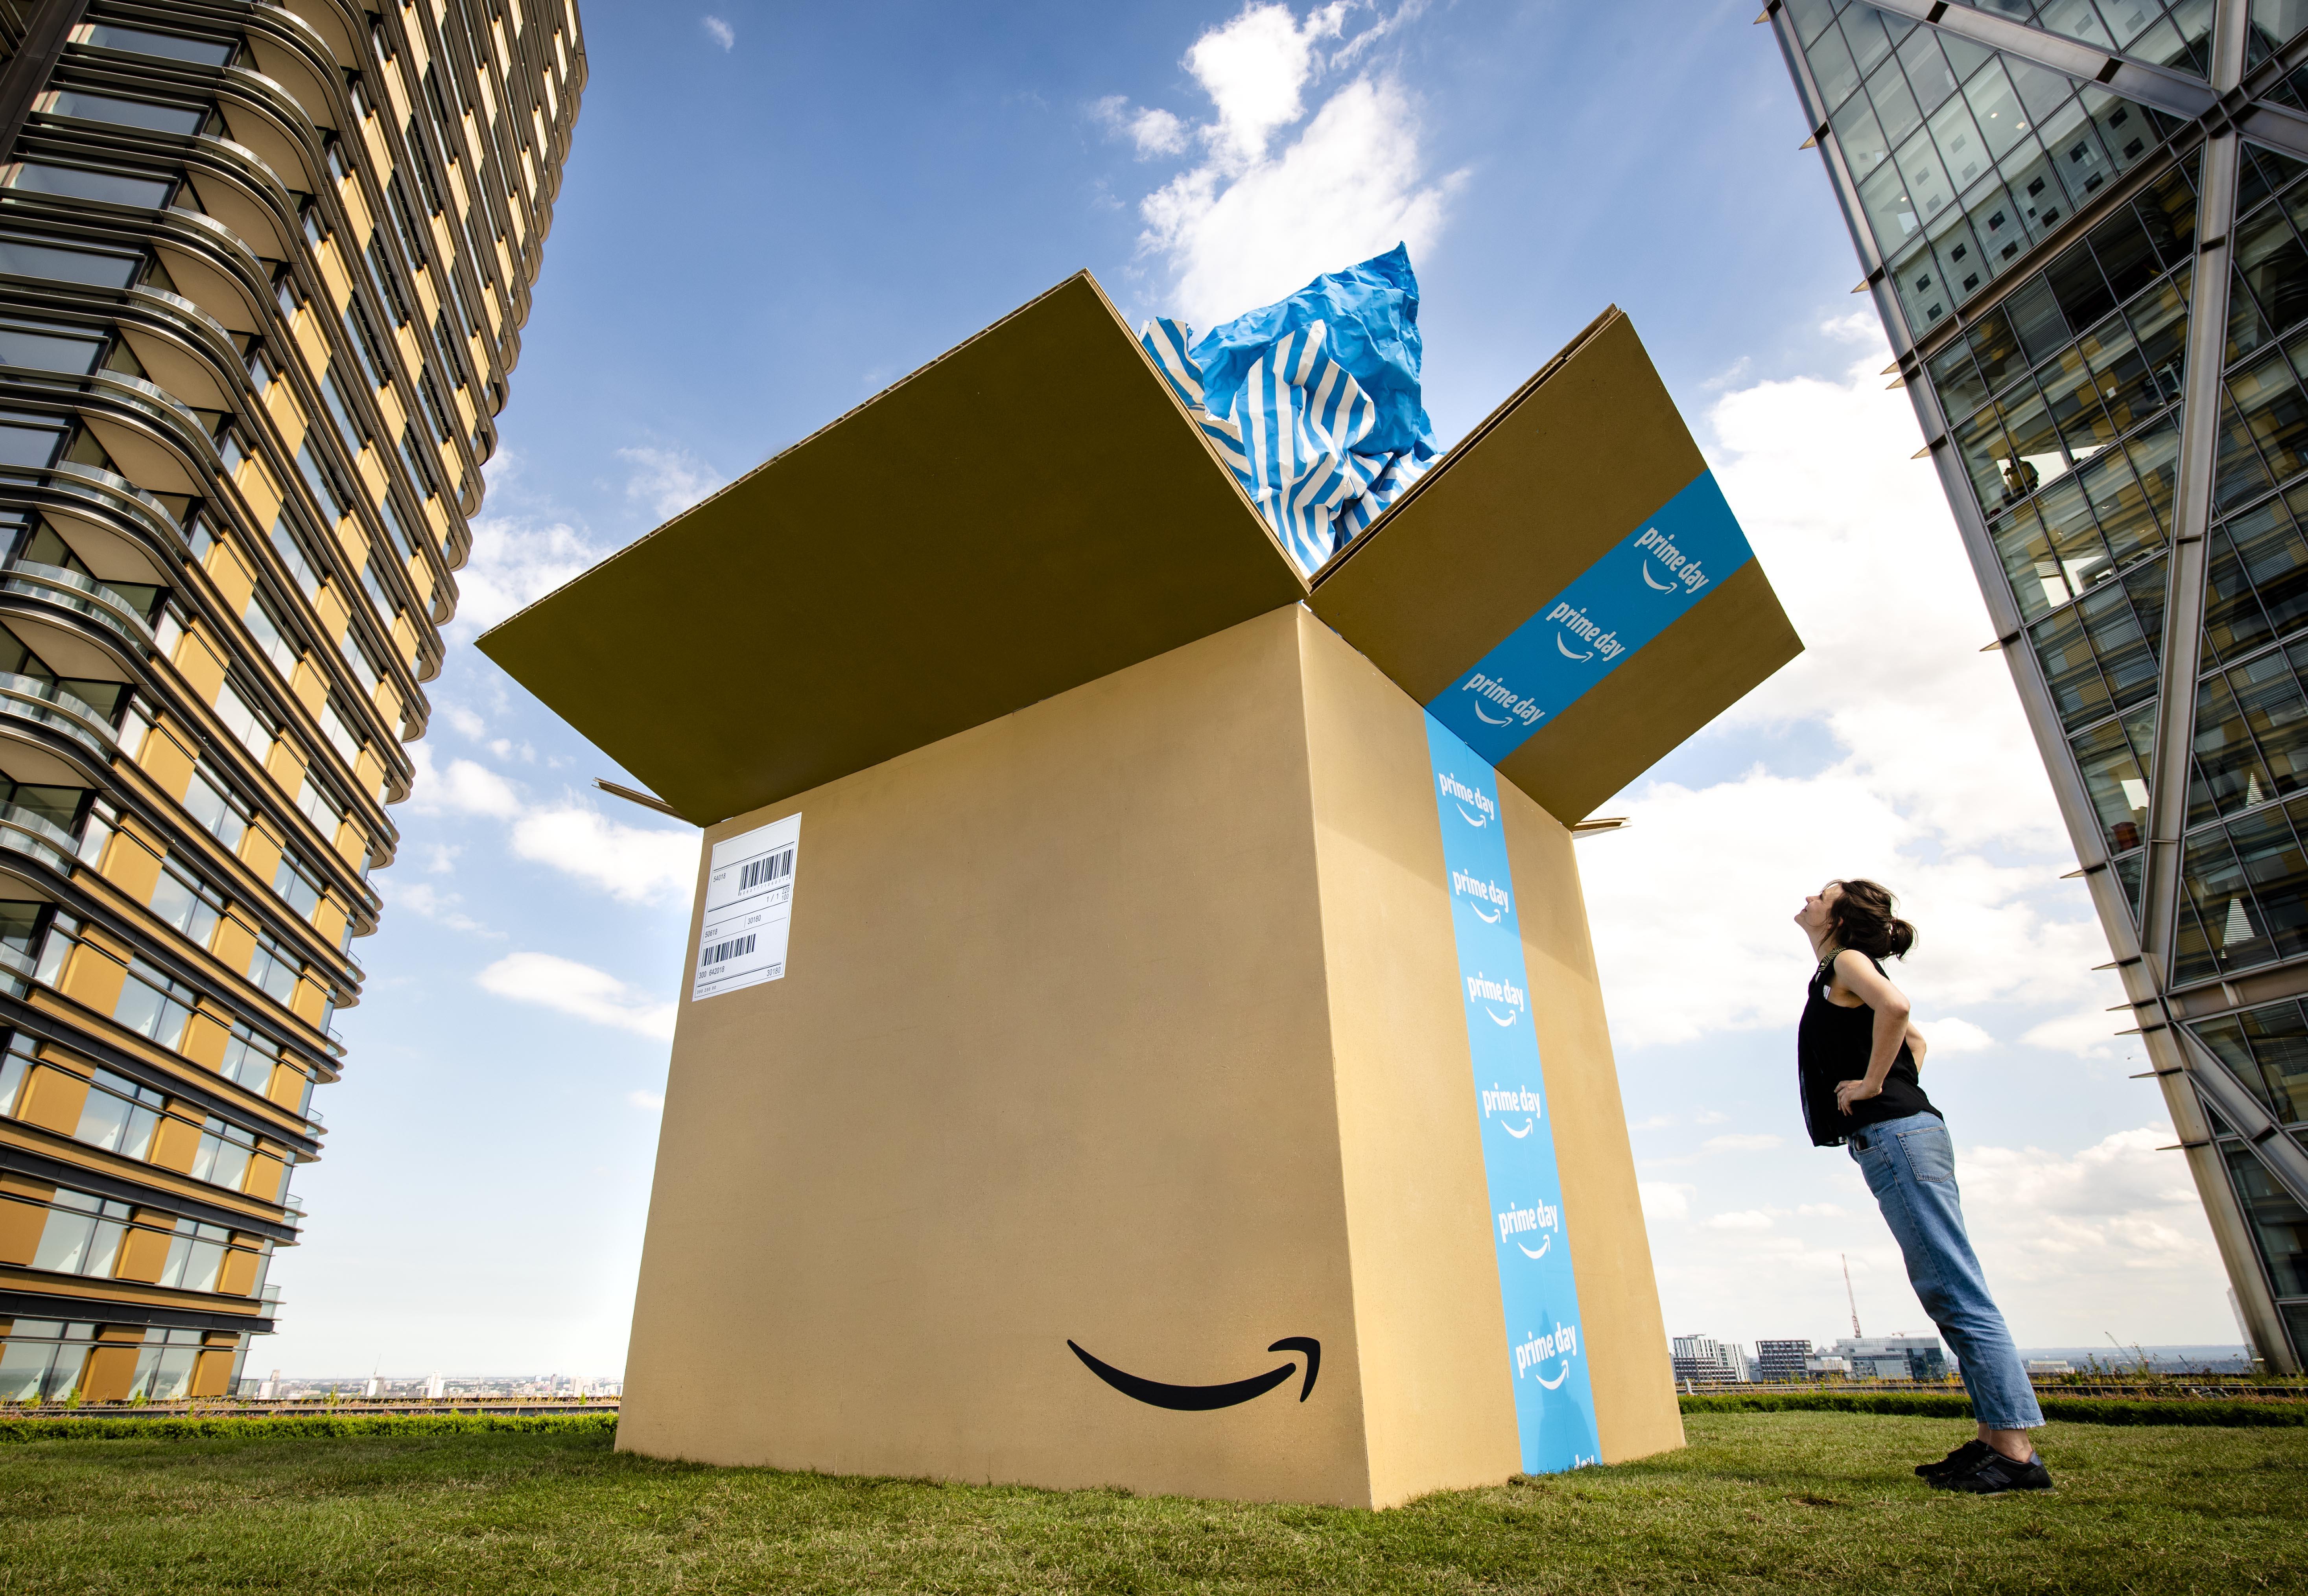 Amazon liefert Lebensmittelbestellungen in den USA jetzt kostenlos – und innerhalb einer Stunde